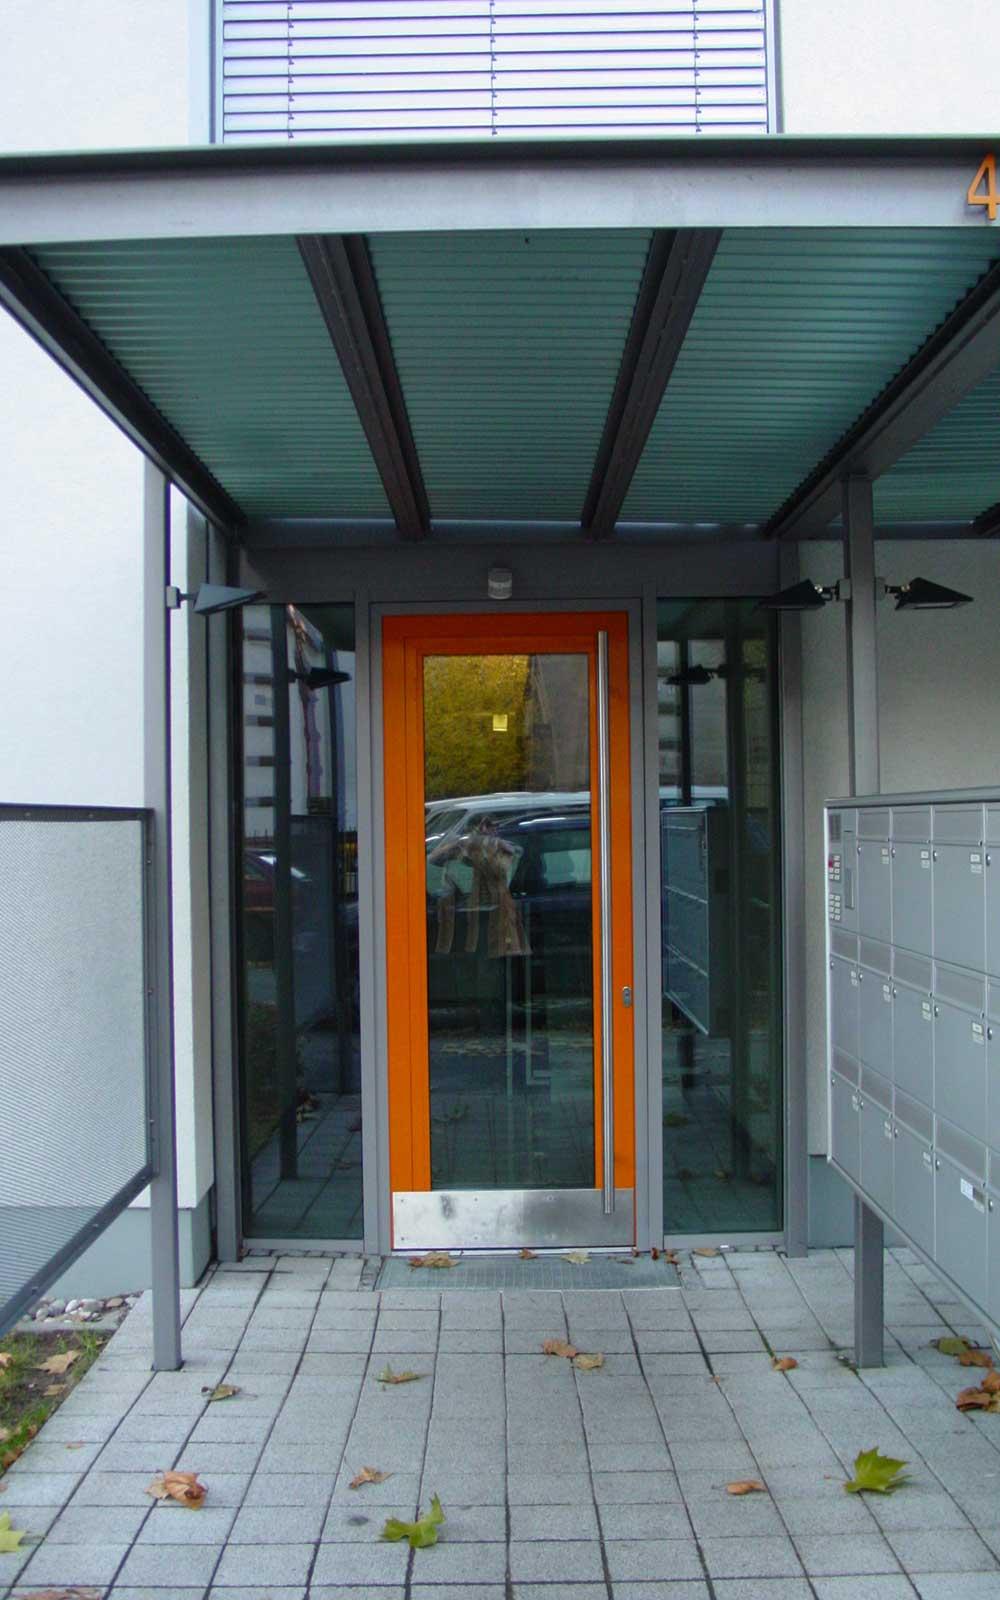 Kochhan und Weckbach Architekten Heidelberg, Mehrfamilienhaus Weststadt Heidelberg